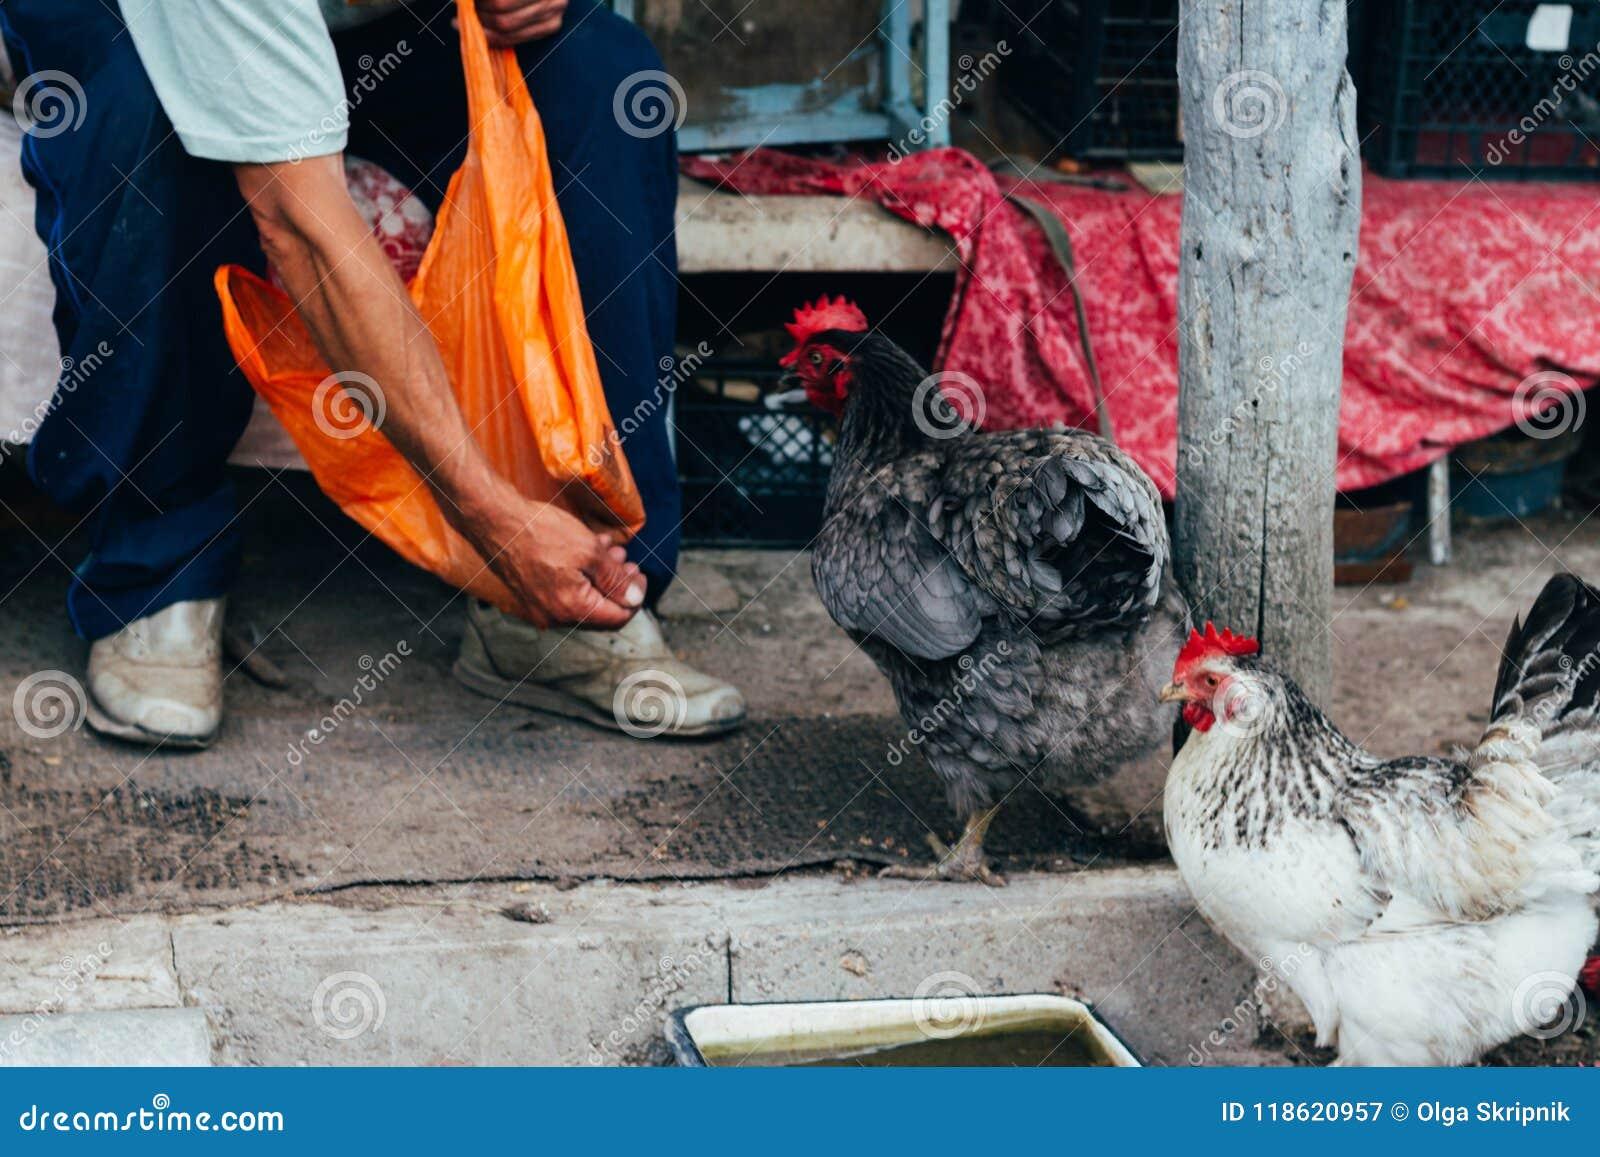 Alimentación de la gallina alimentan el hombre desde las manos un pollo negro con un peine rojo